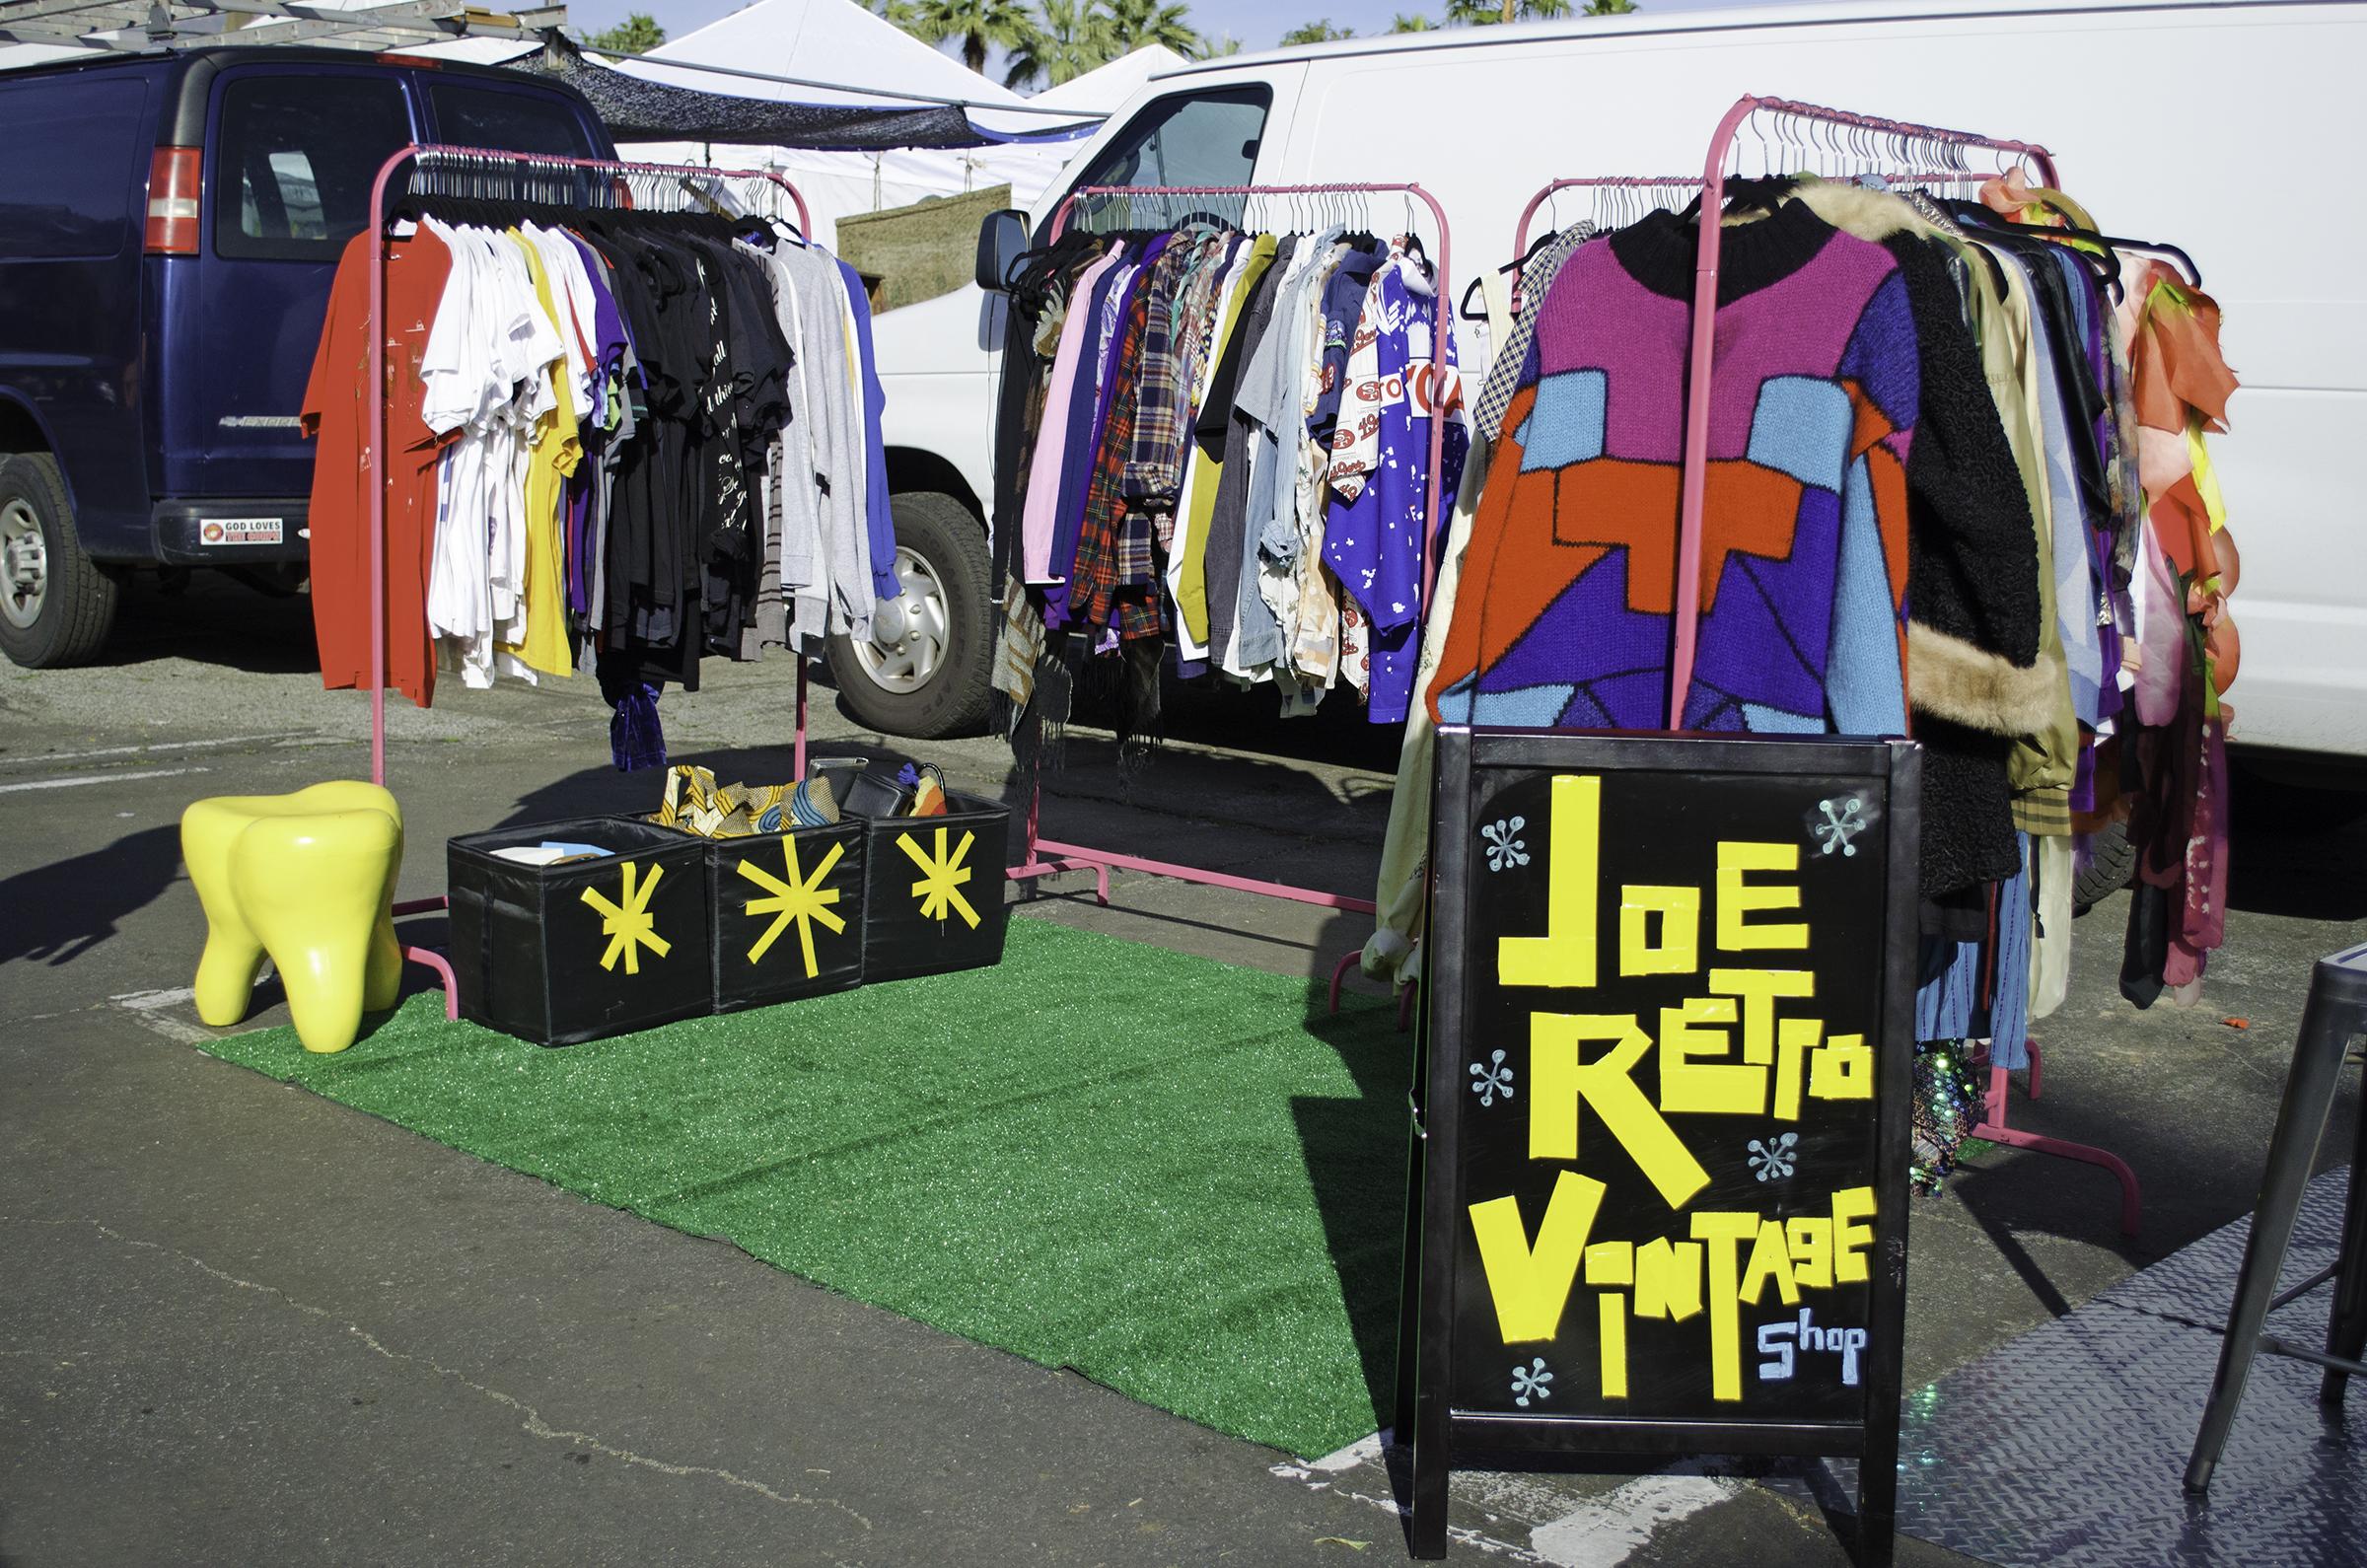 Joe Retro Vintage